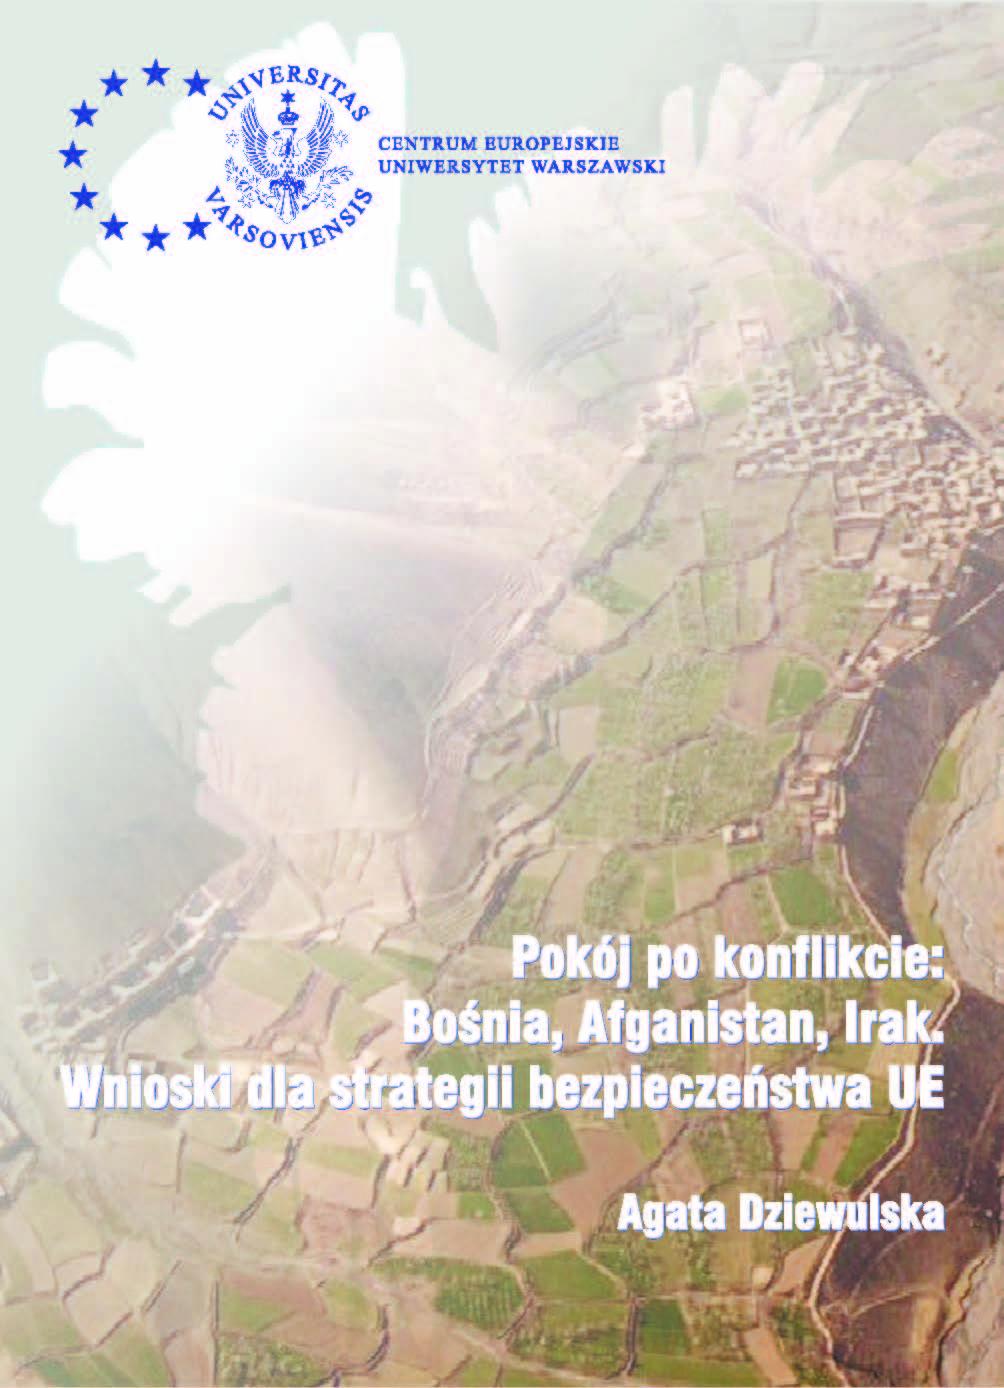 Pokój pokonflikcie Bośnia, Afganistan, Irak. Wnioski dla strategii bezpieczeństwa UE